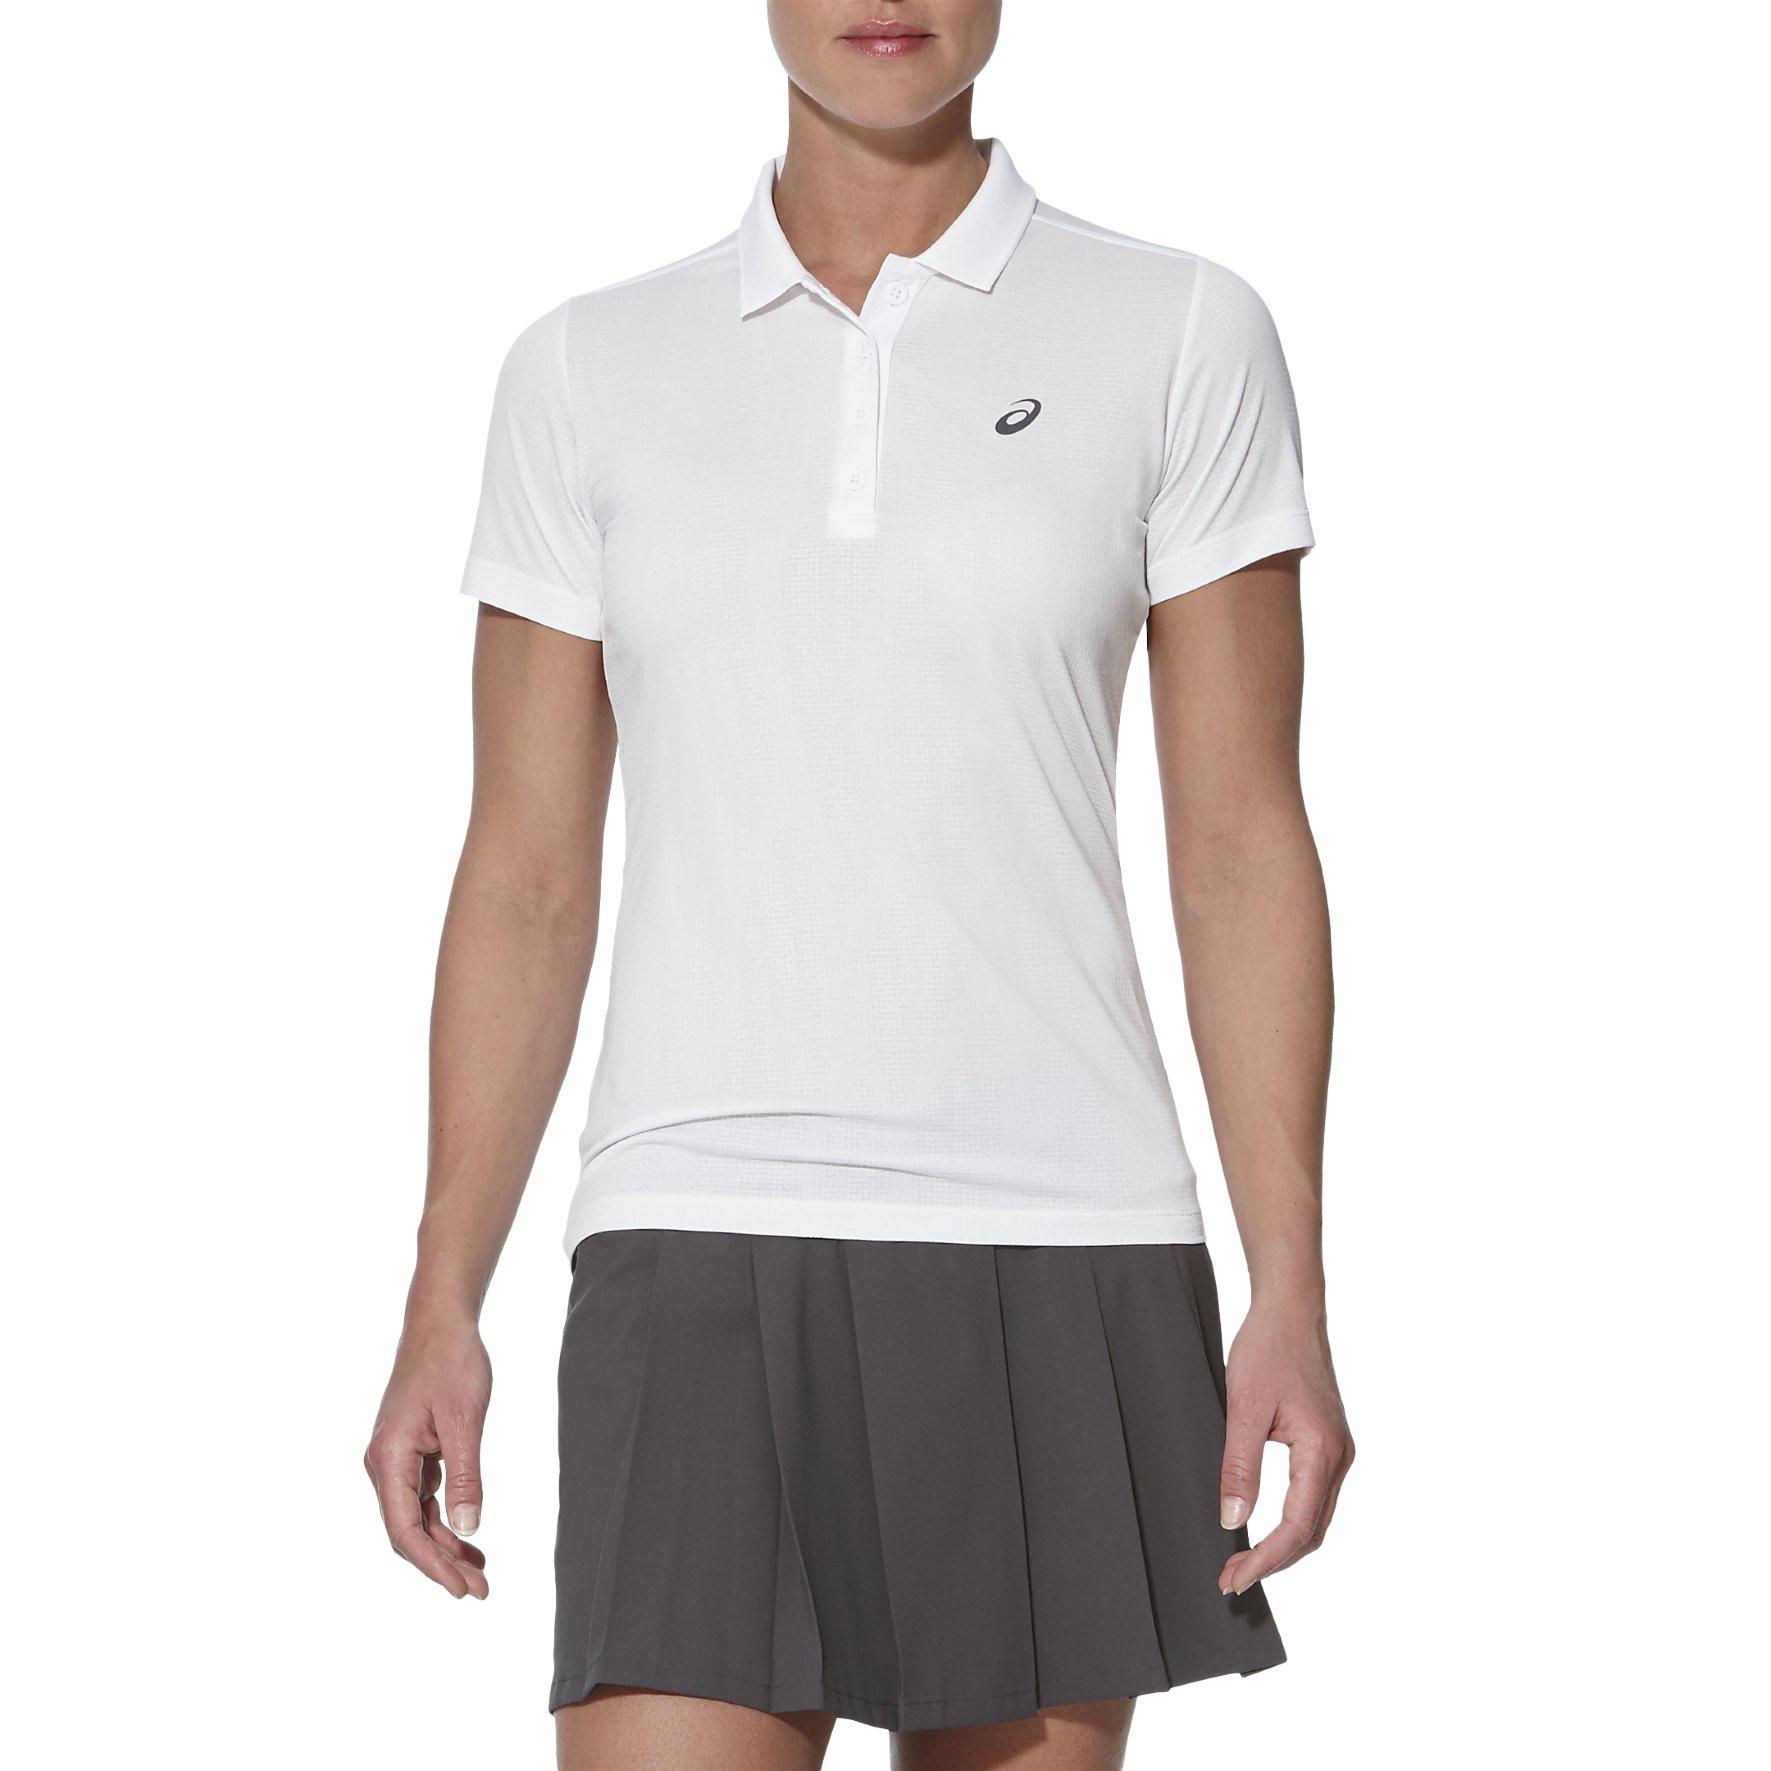 Asics GPX SS Ladies Tennis Polo